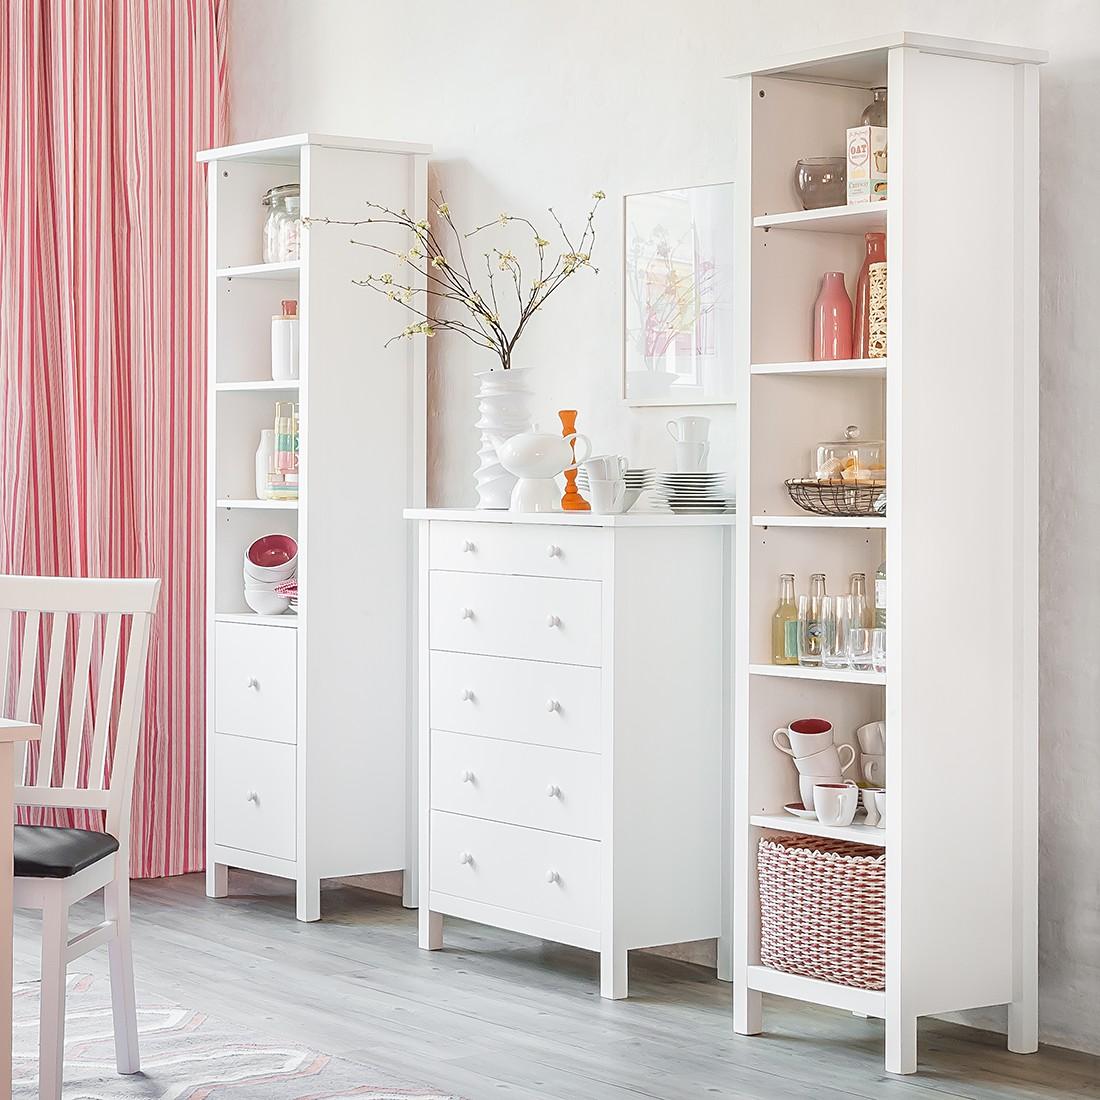 wohnzimmer regal kiefer. Black Bedroom Furniture Sets. Home Design Ideas